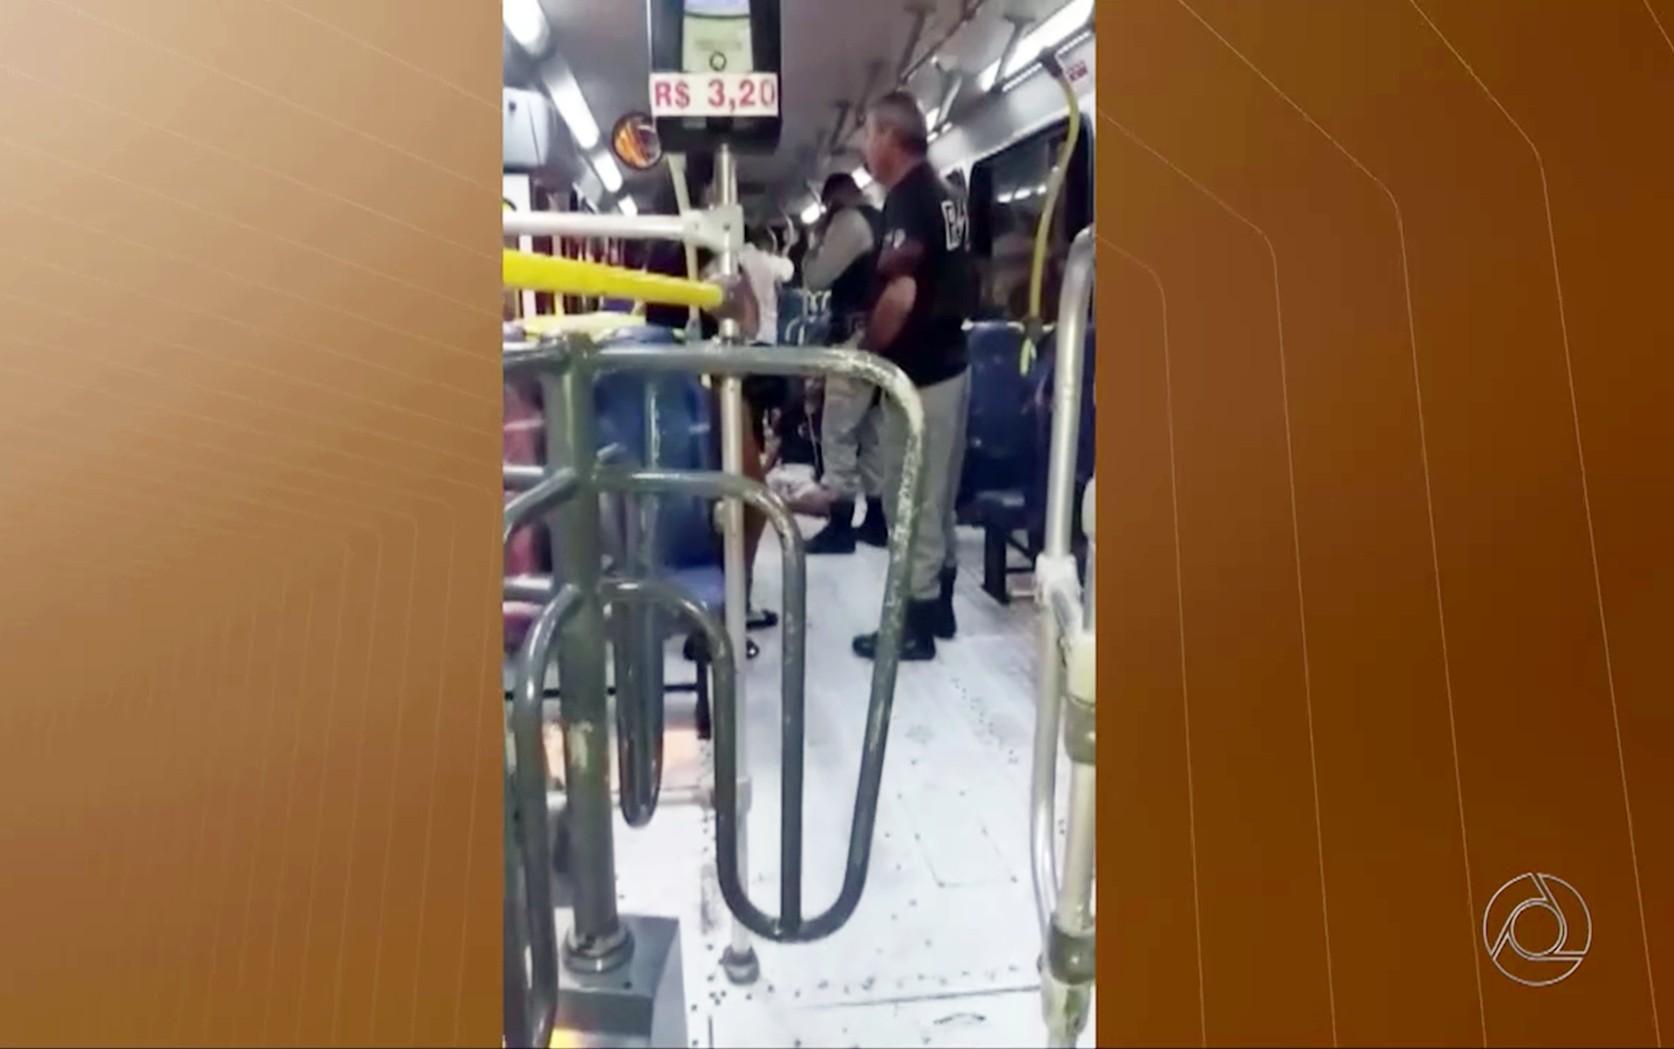 Mulher e adolescente foram baleados em assalto dentro de ônibus da linha 110, em João Pessoa (Foto: Reprodução/TV Cabo Branco)